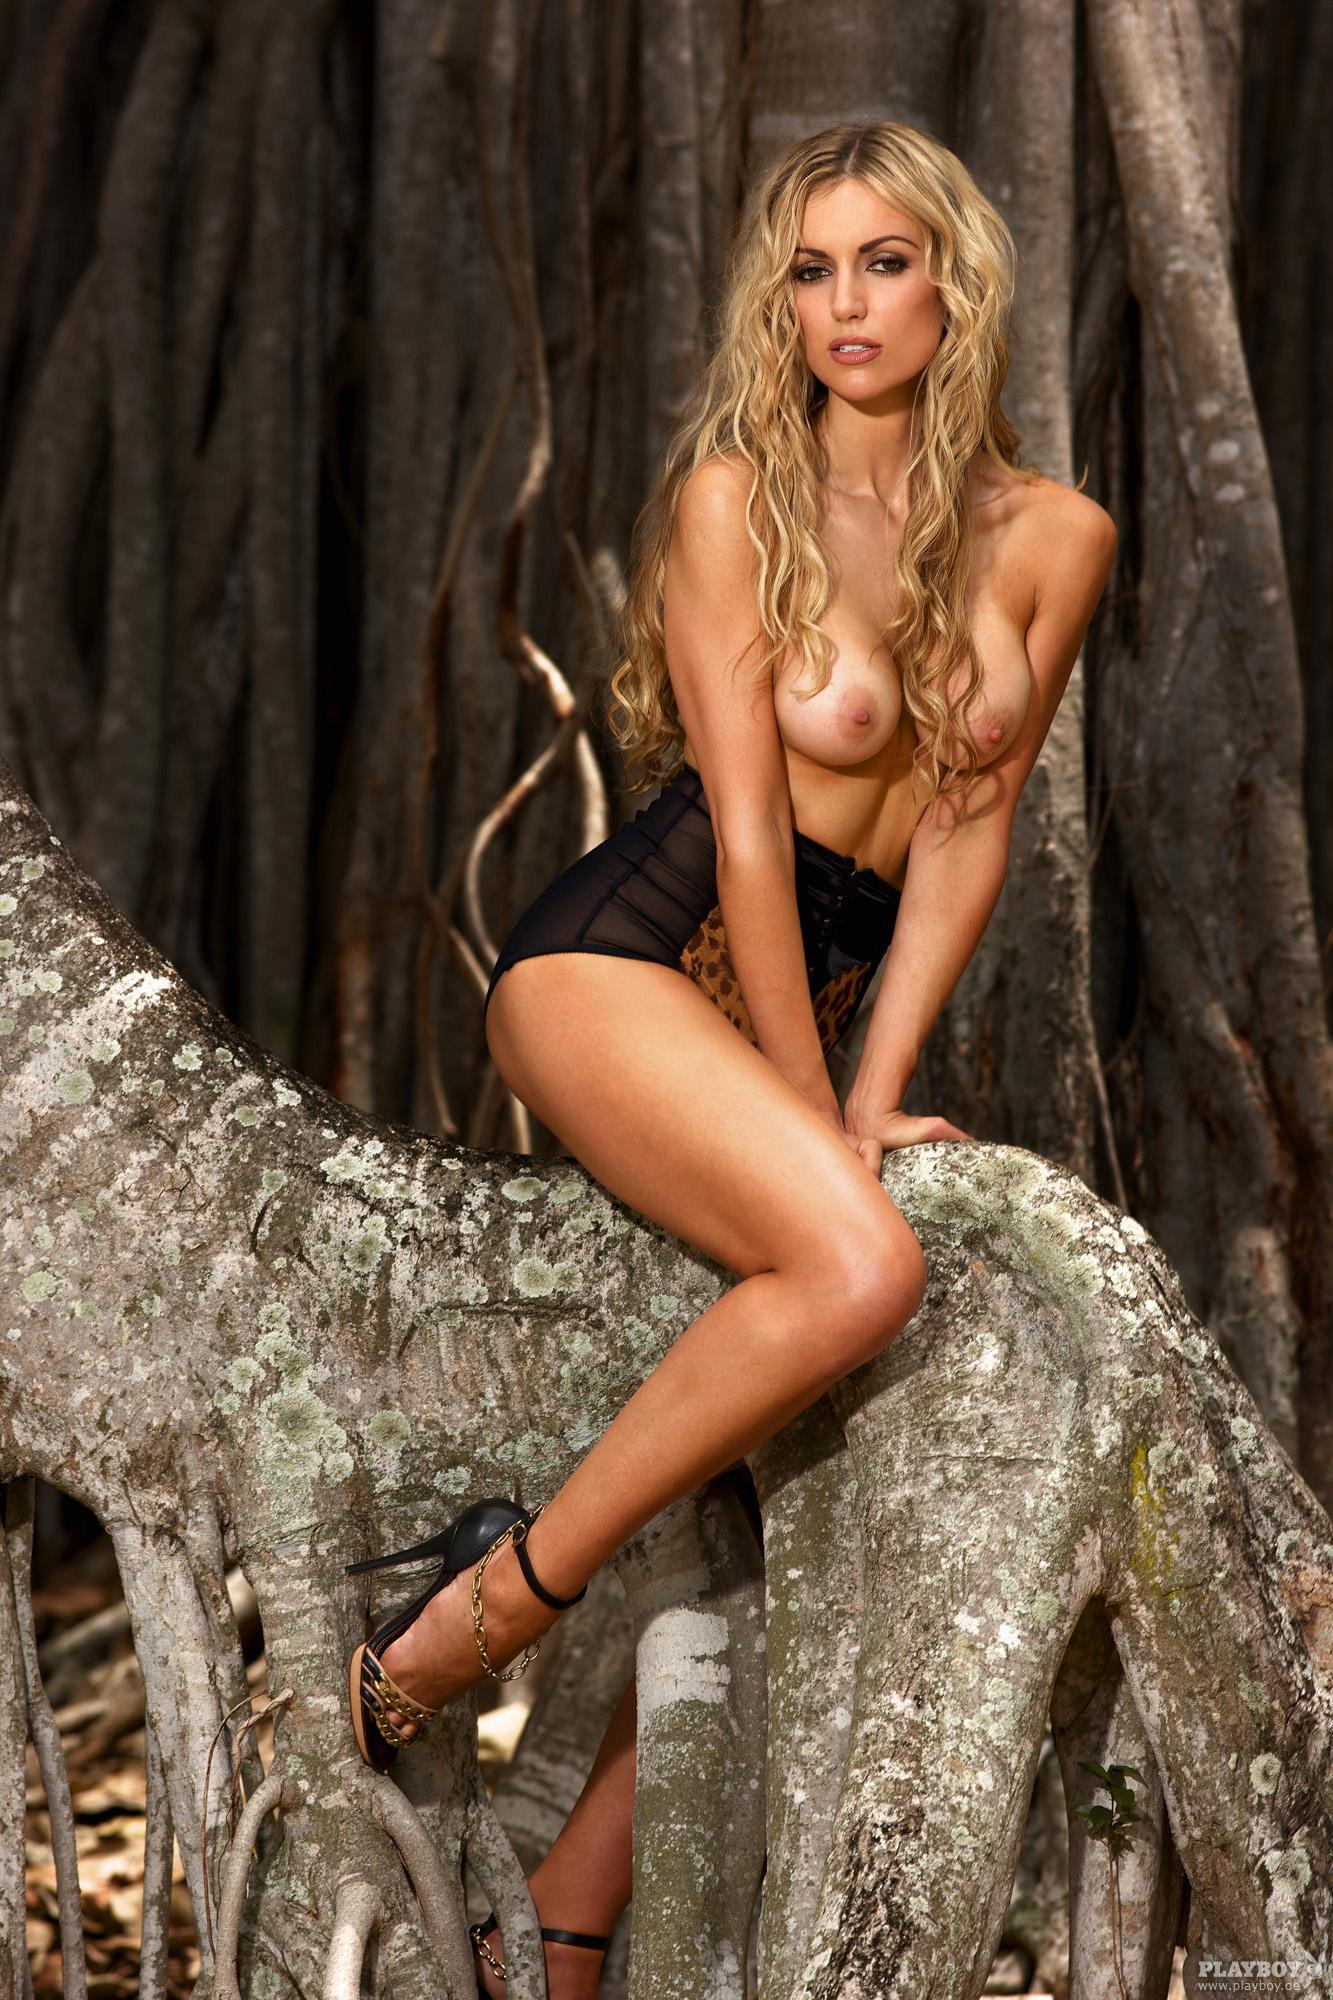 Самая красивая девушка в мире голоя 18 фотография